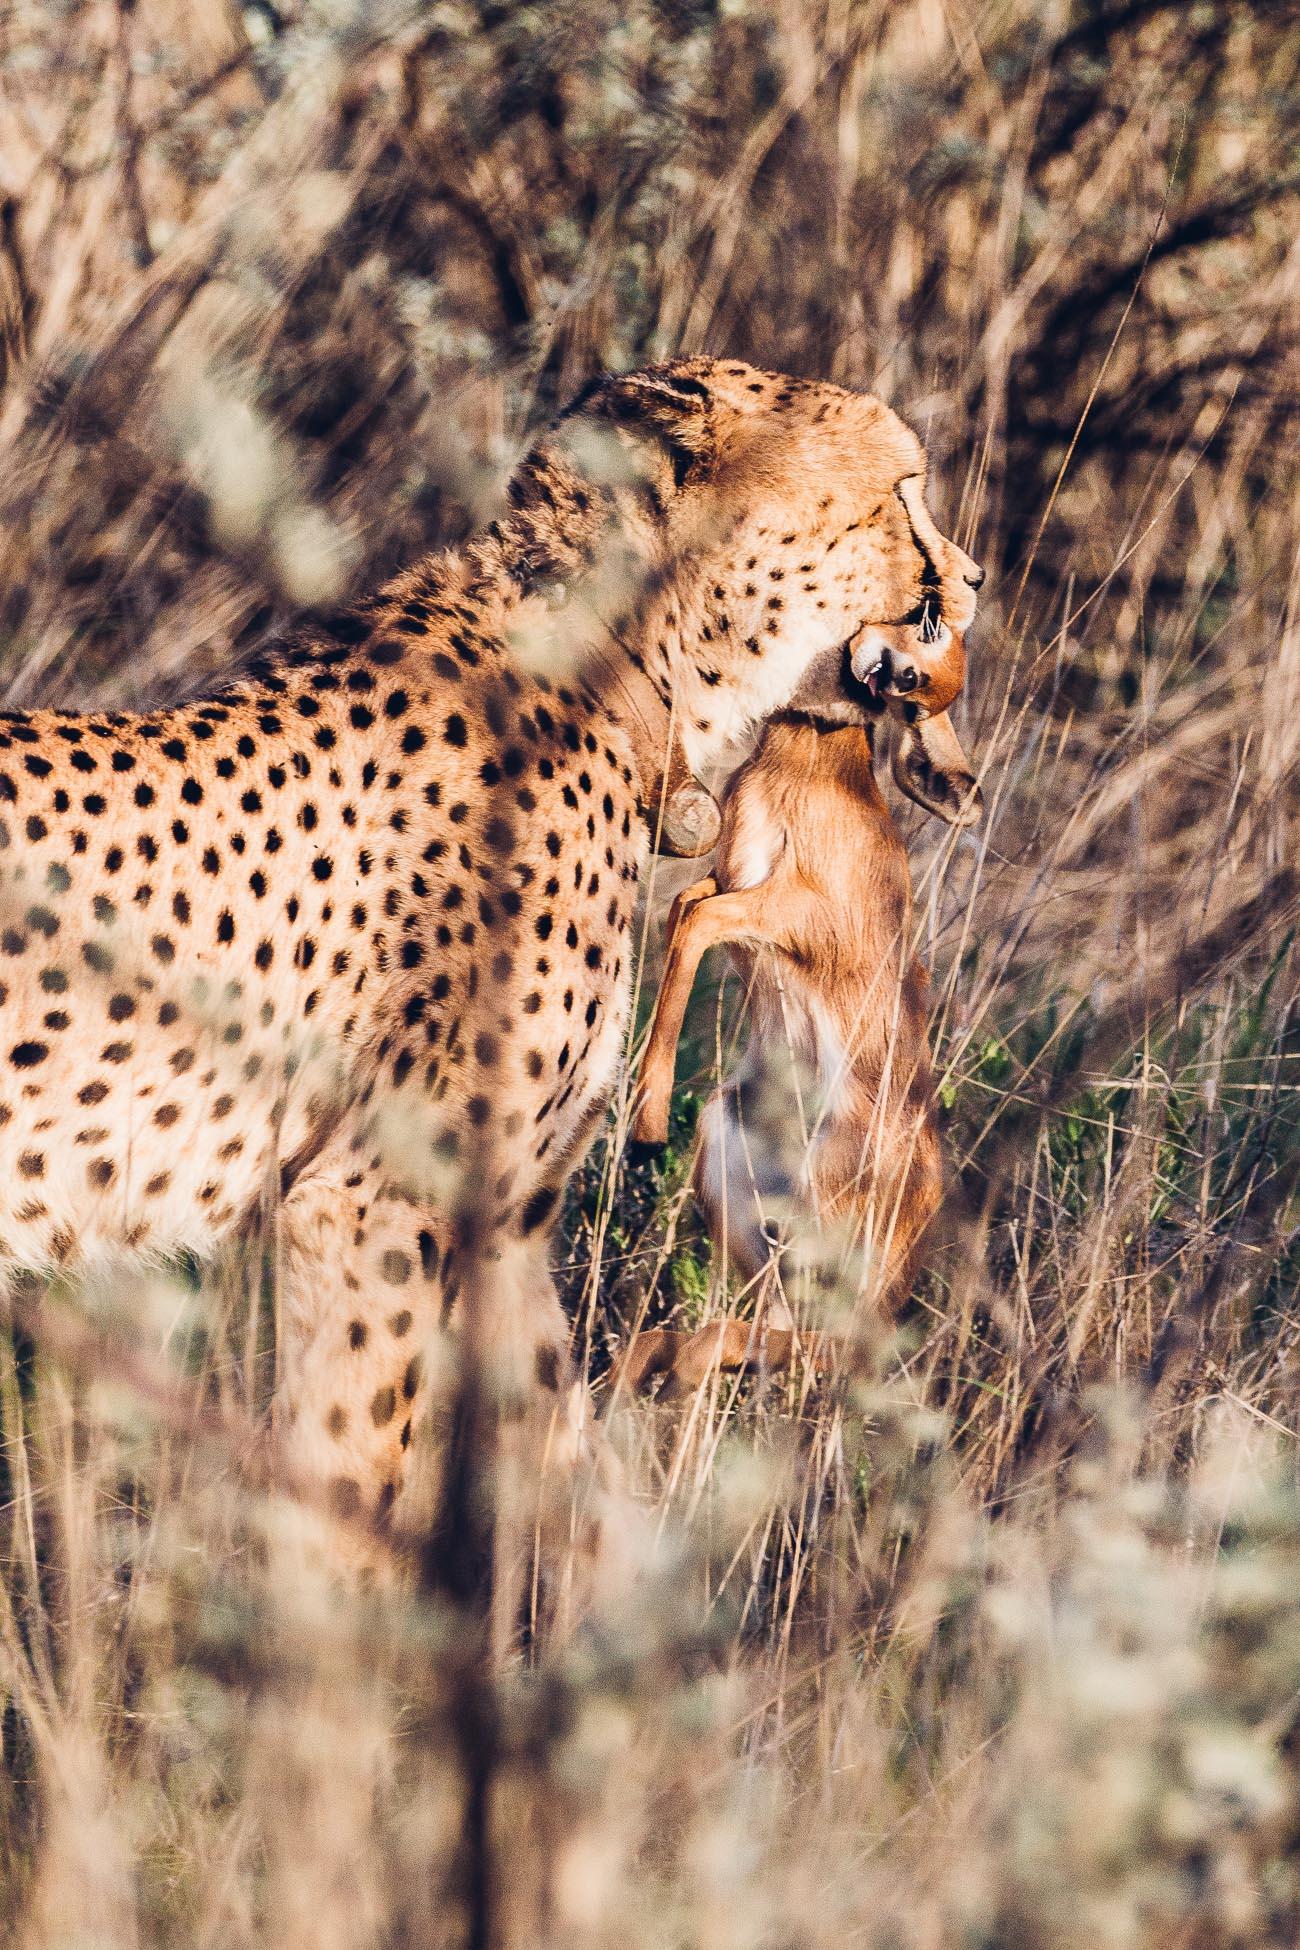 Cheetah with a kill at a Safari in Namibia